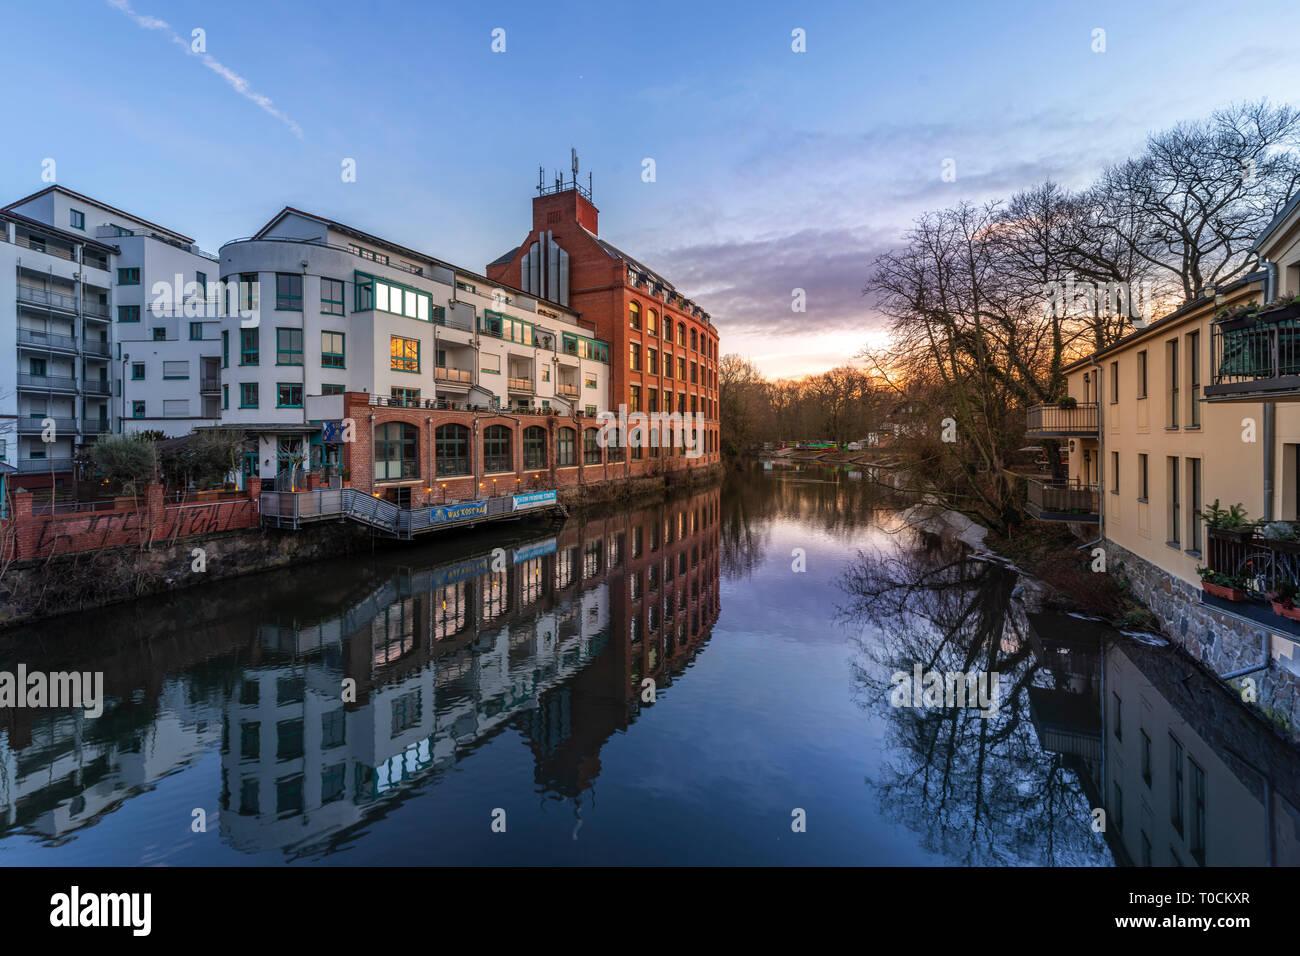 Leipzig Plagwitz, Weiße Elster und Kanäle mit Industriearchitektur und -kultur - Stock Image